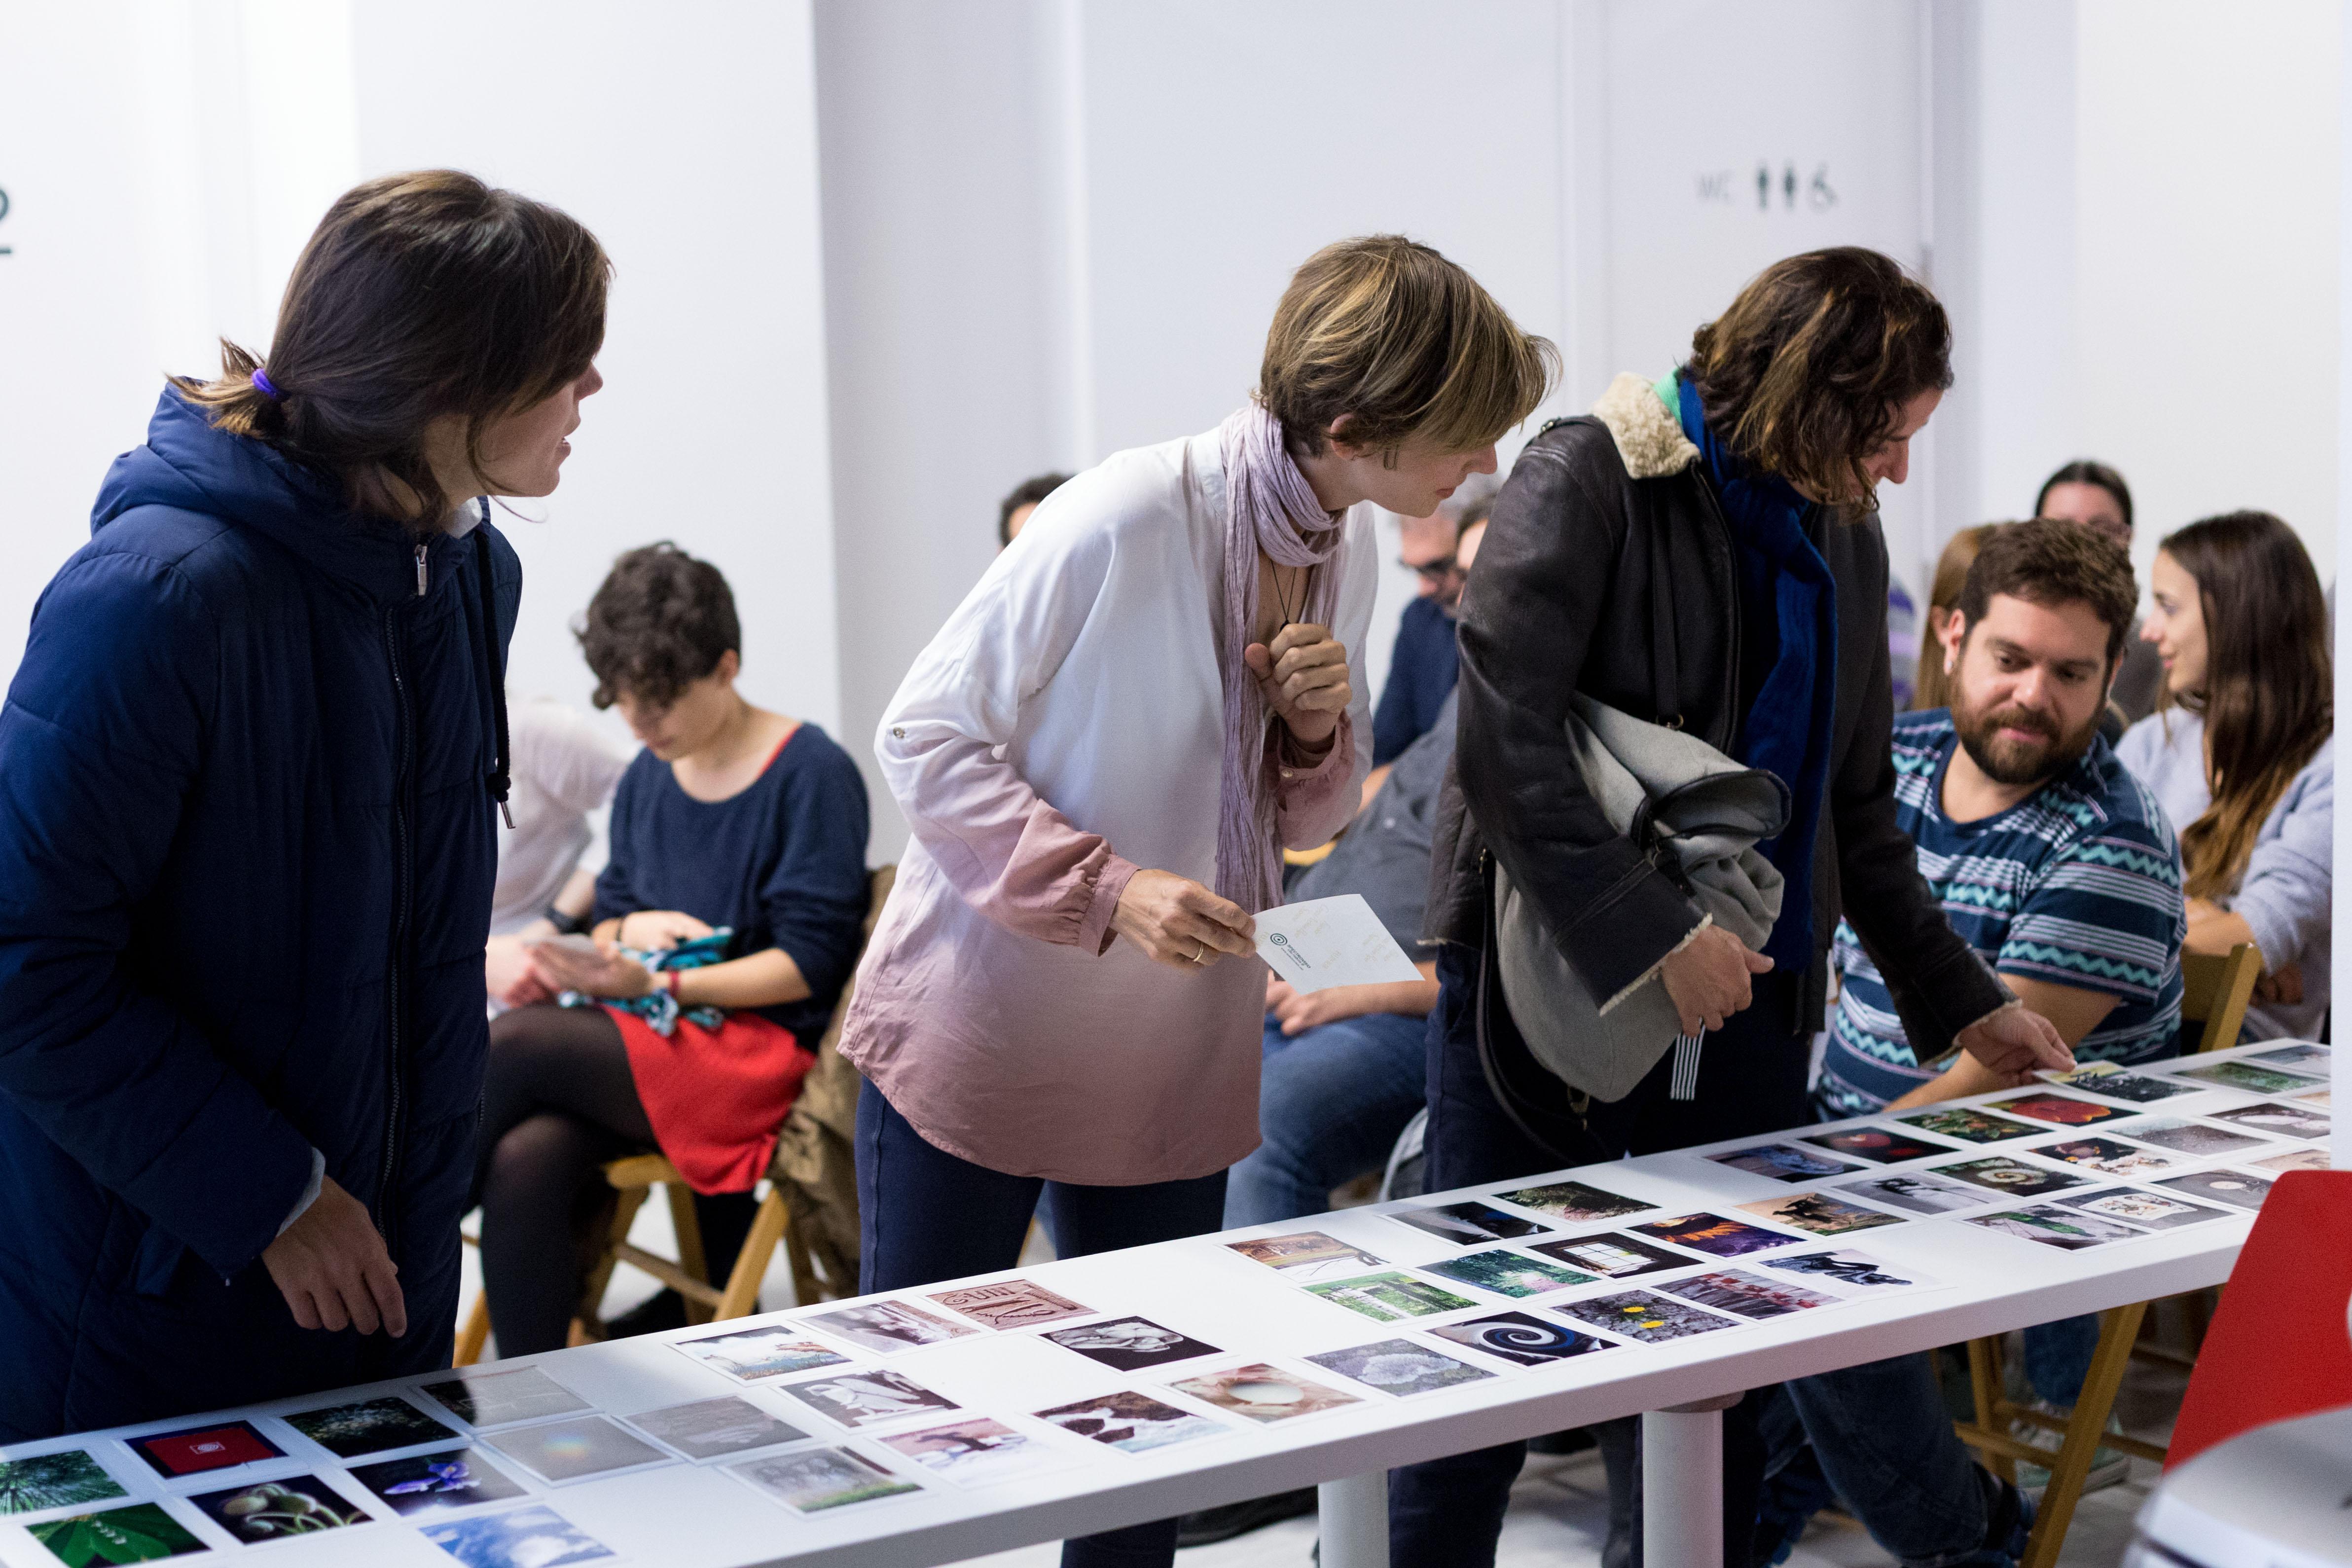 Taller de fotología y terapéutica de la fotografía / Workshop: Photology and Therapeutic Photography with David Viñuales